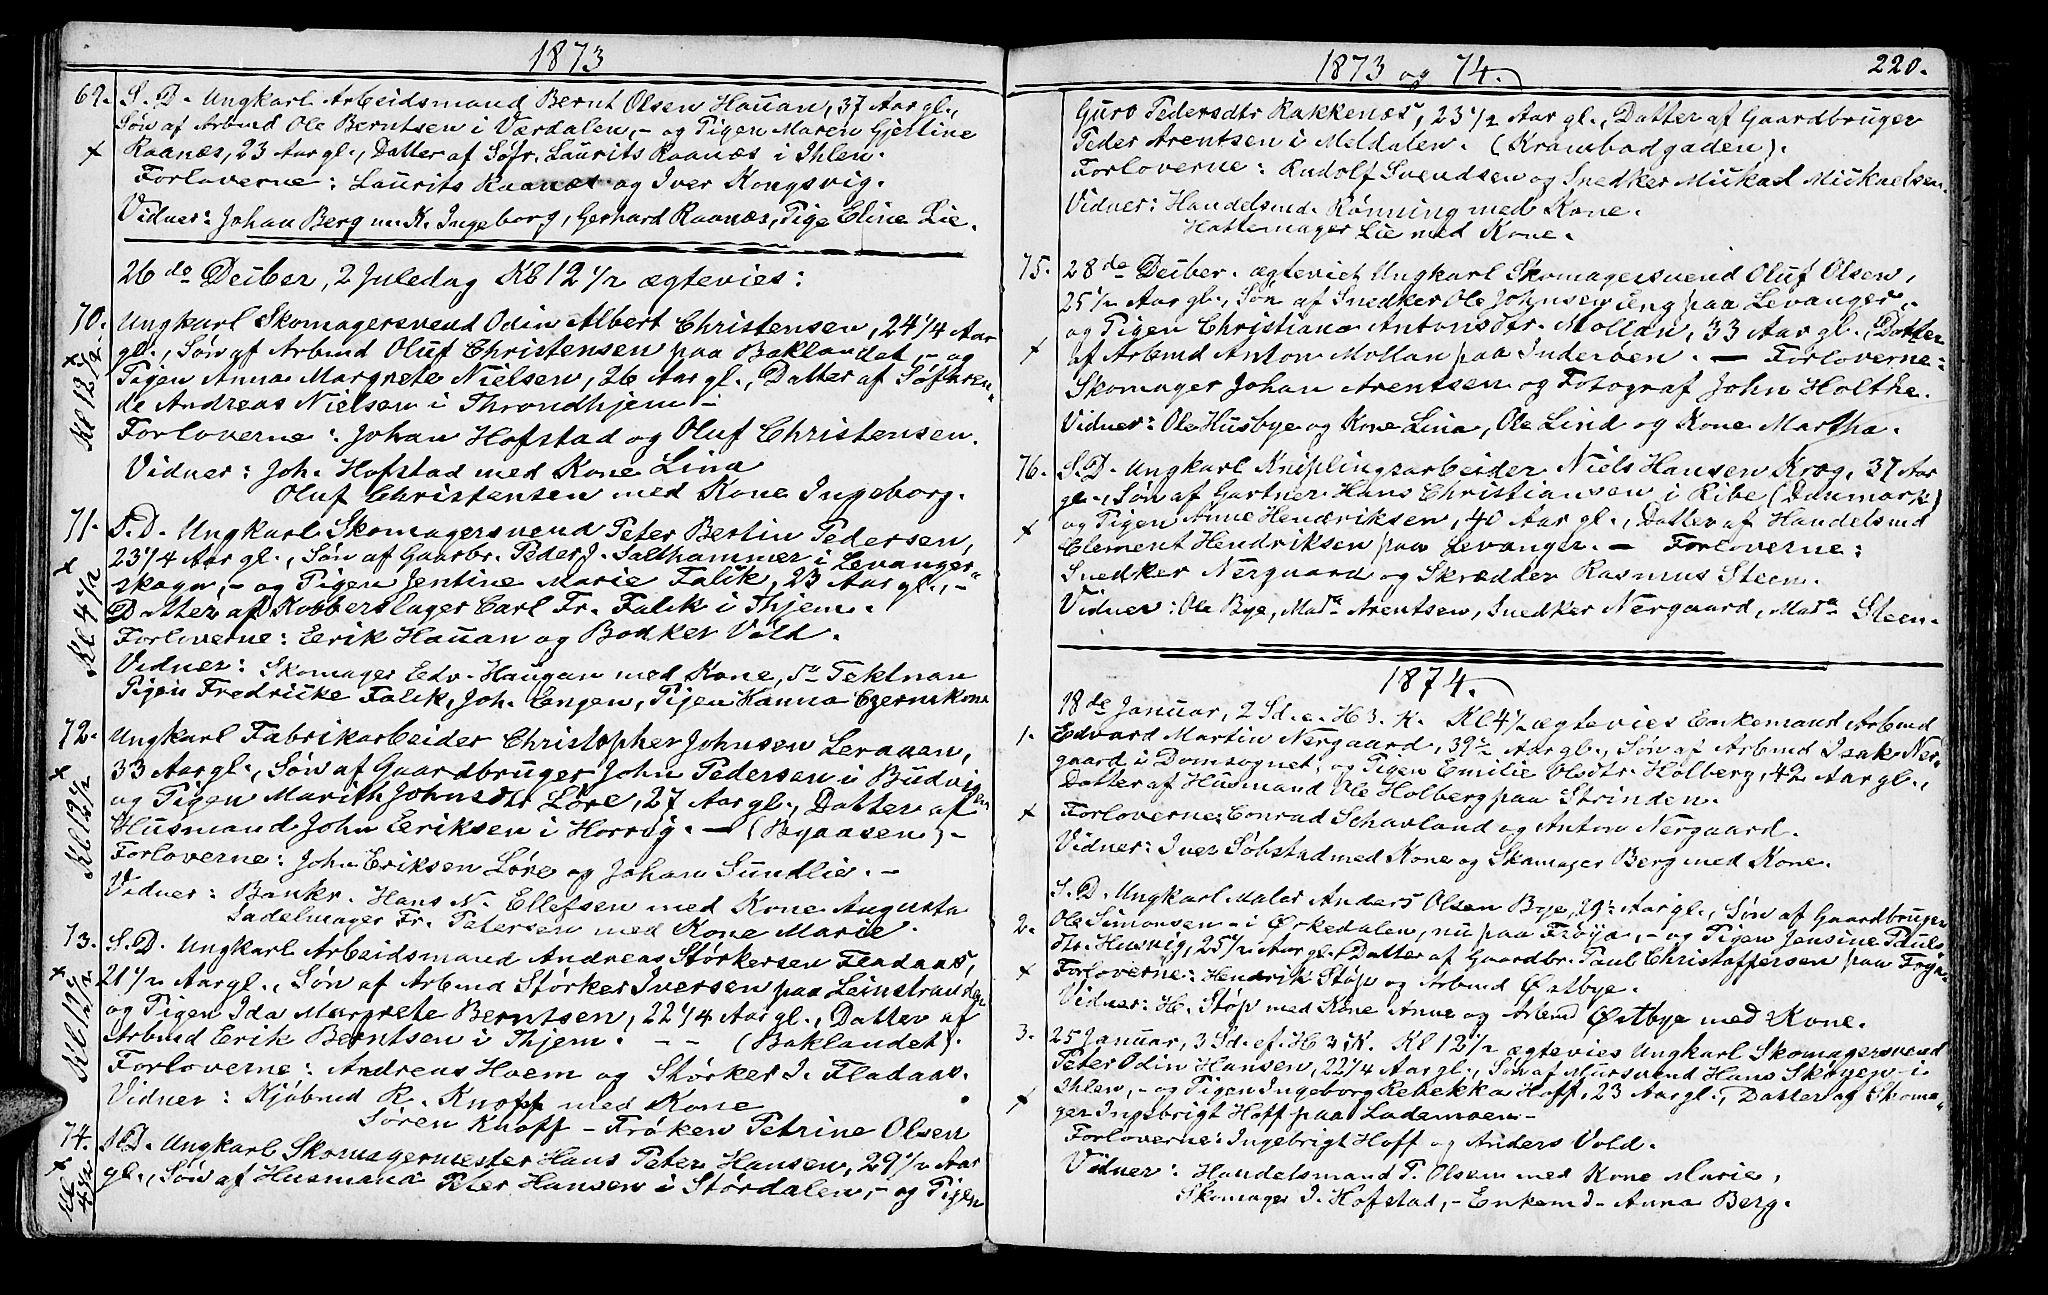 SAT, Ministerialprotokoller, klokkerbøker og fødselsregistre - Sør-Trøndelag, 602/L0142: Klokkerbok nr. 602C10, 1872-1894, s. 220